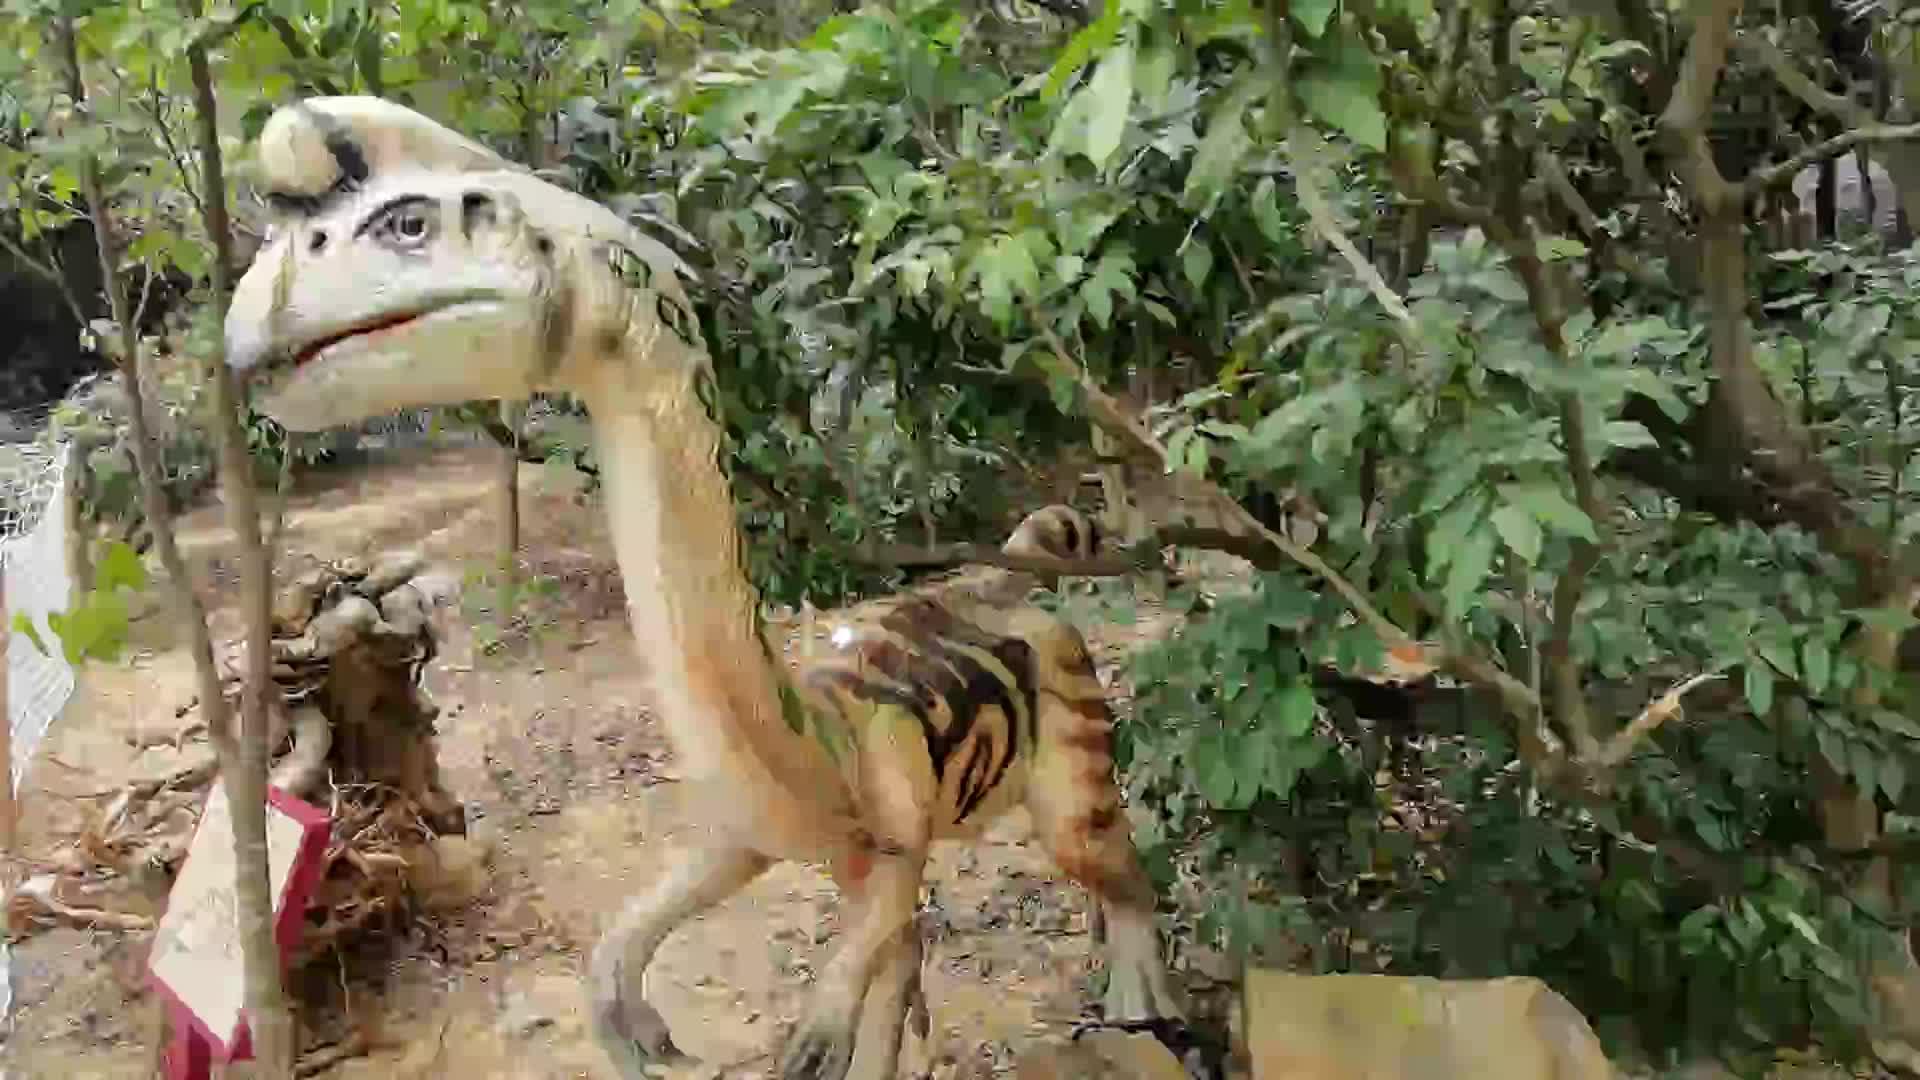 쥬라기 공원 Animatronic 로봇 생활 크기 공룡 모델 판매